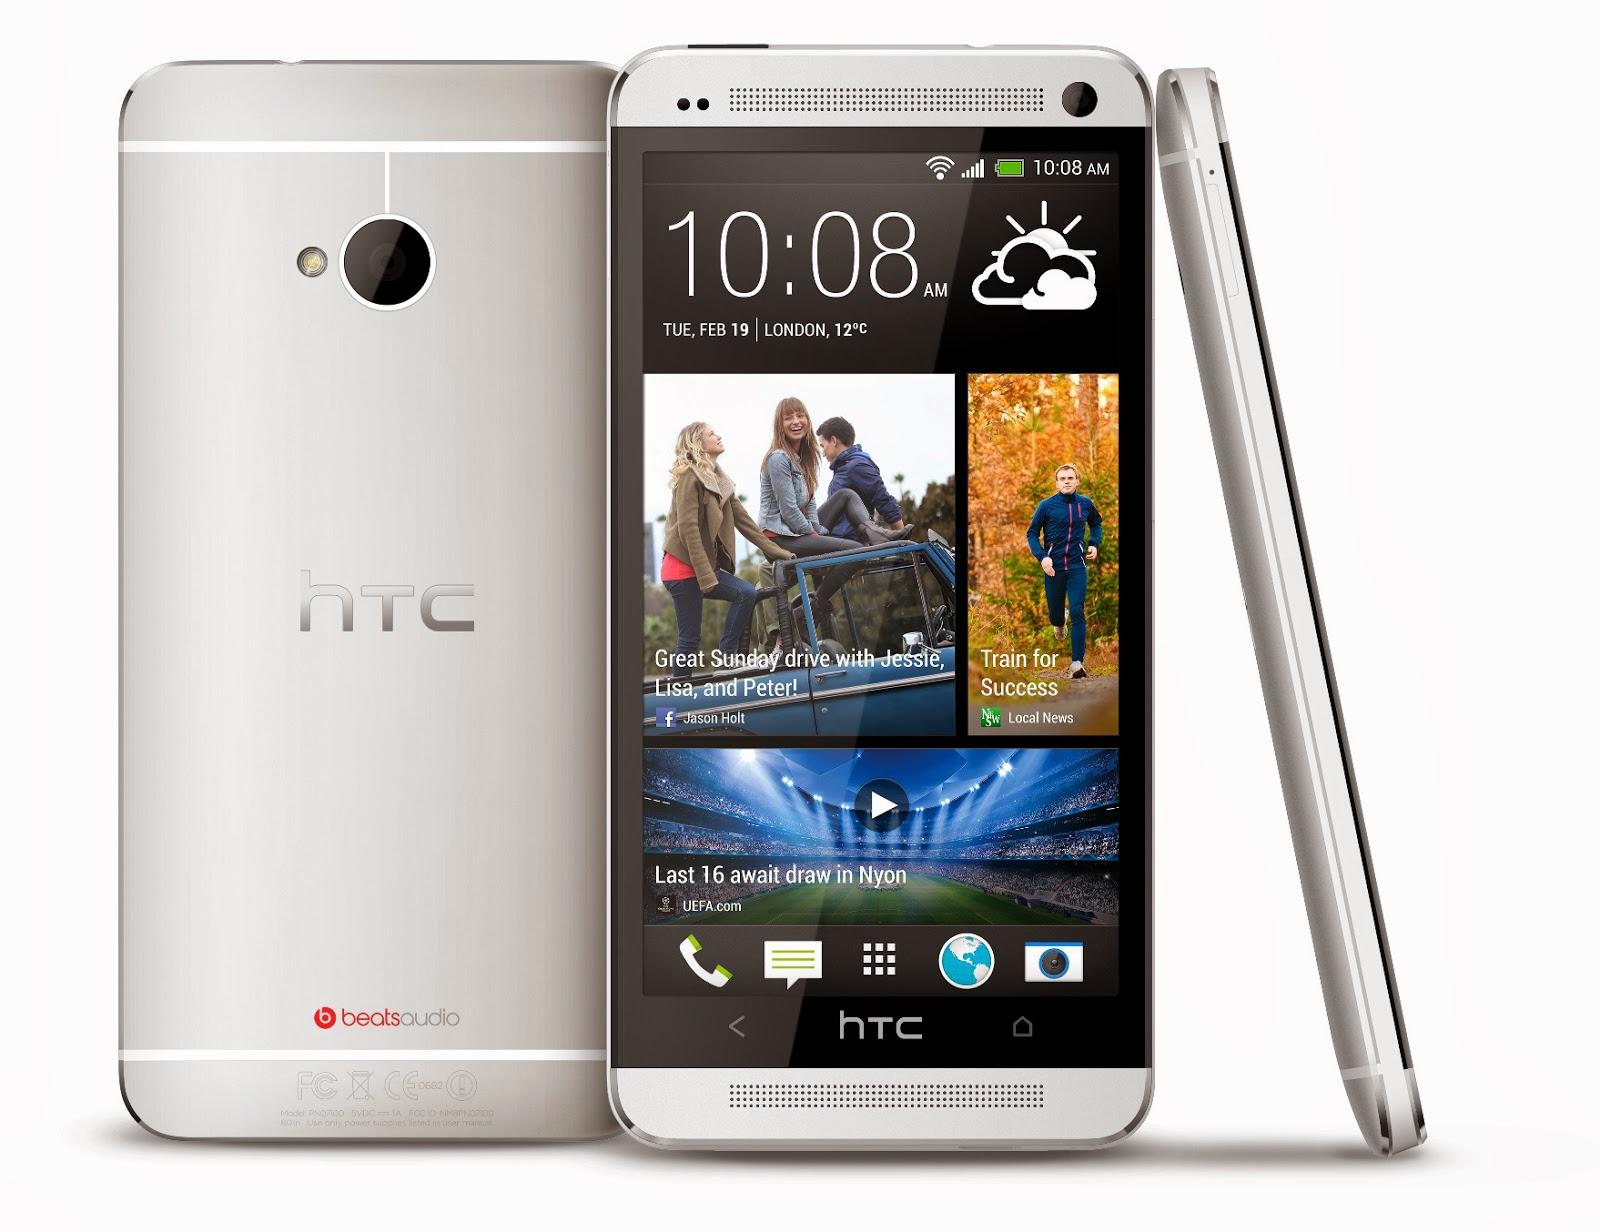 HTC One | Manual y guia de usuario, instrucciones en PDF español